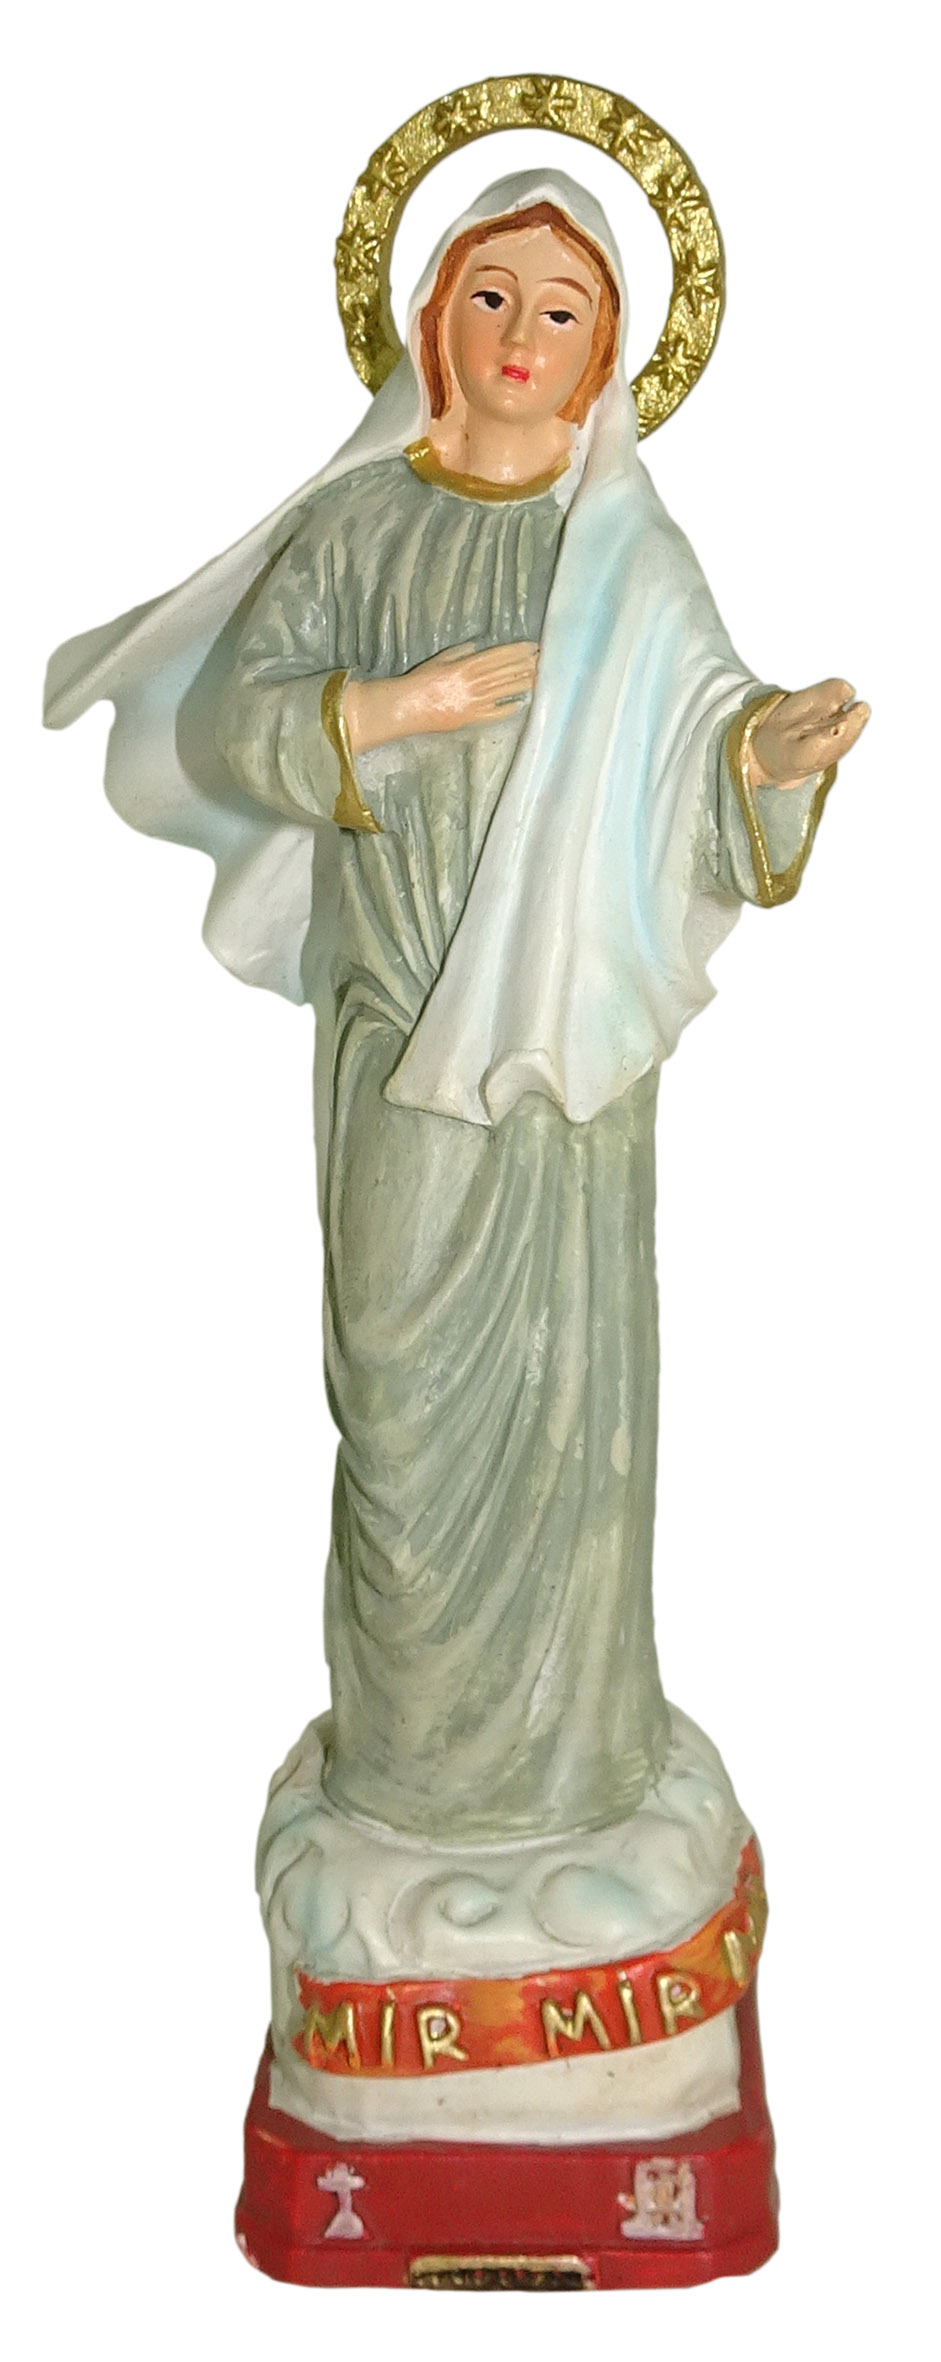 Statua di San Matteo da 12 cm in Confezione Regalo con segnalibro in Versione Francese